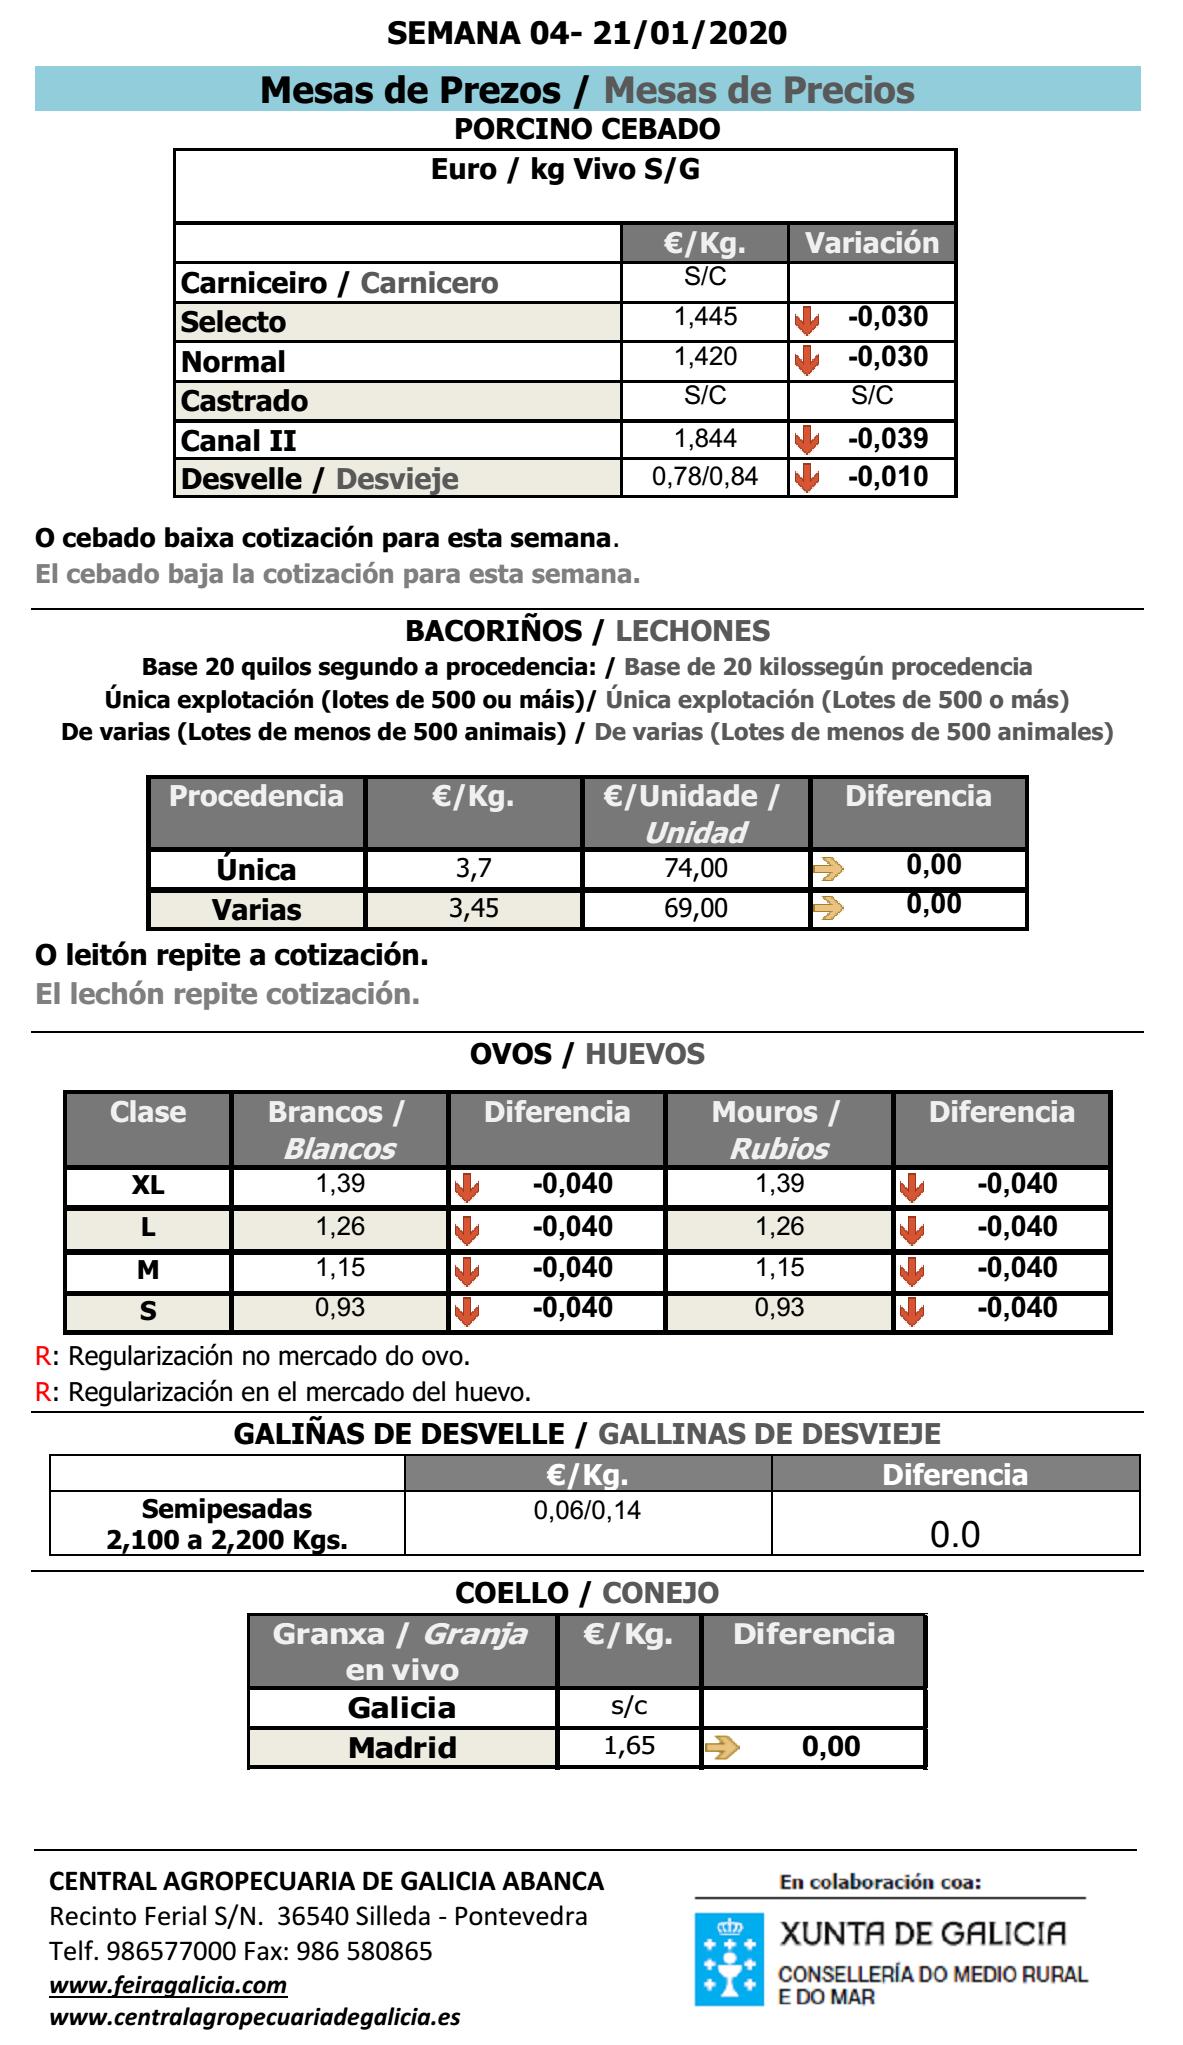 silleda 2020 XANEIRO porcino